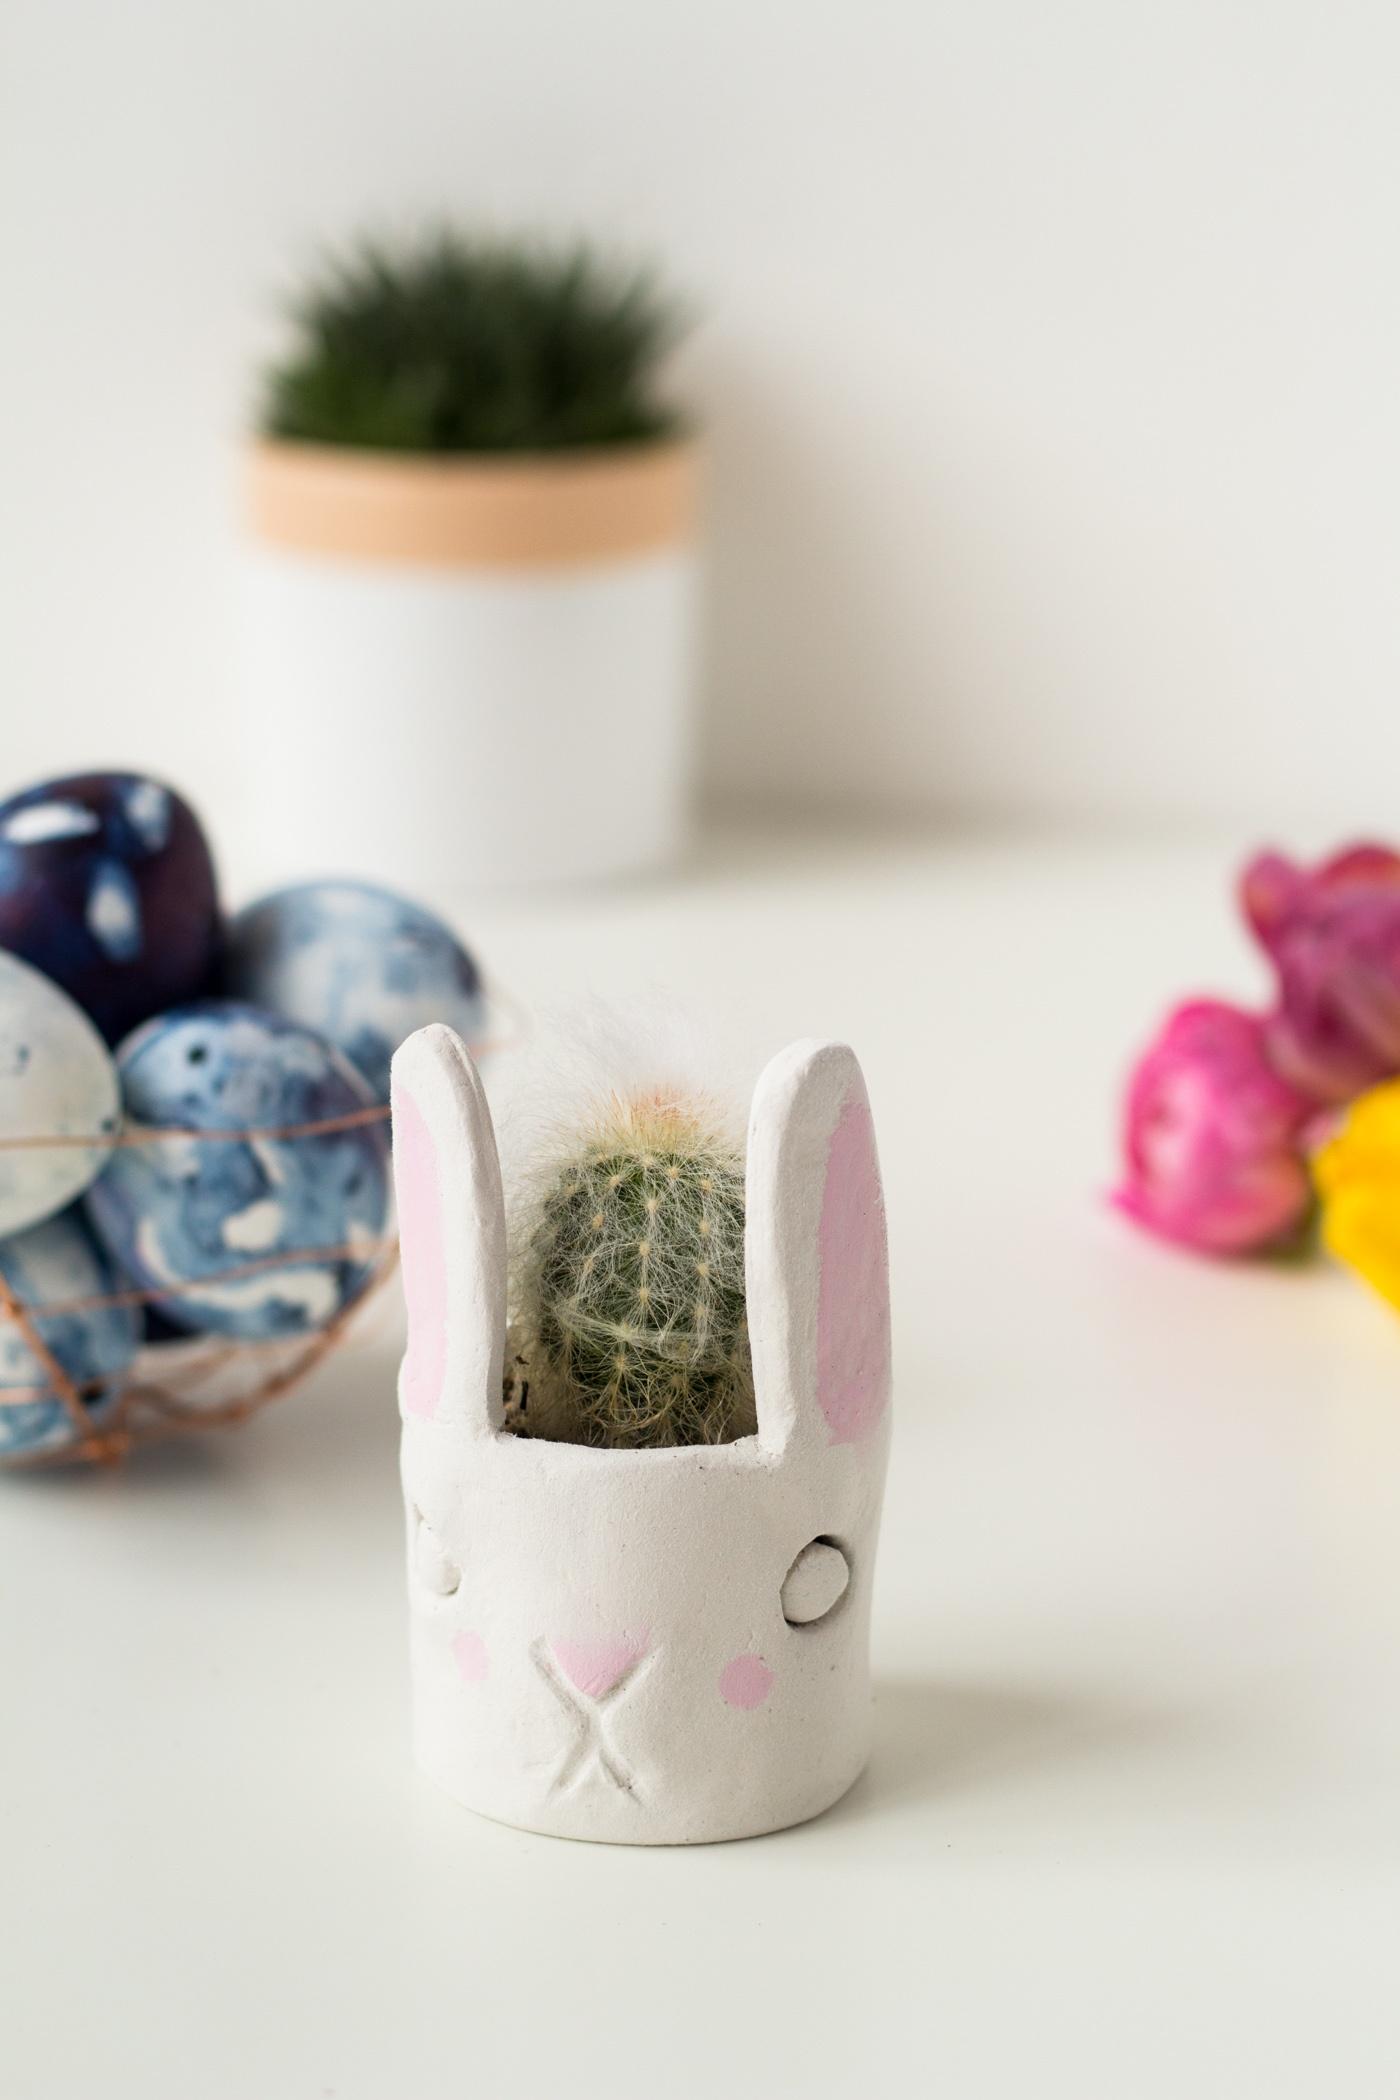 DIY-Mini-Cacti-Bunny-Planter-@fallfordiy-231